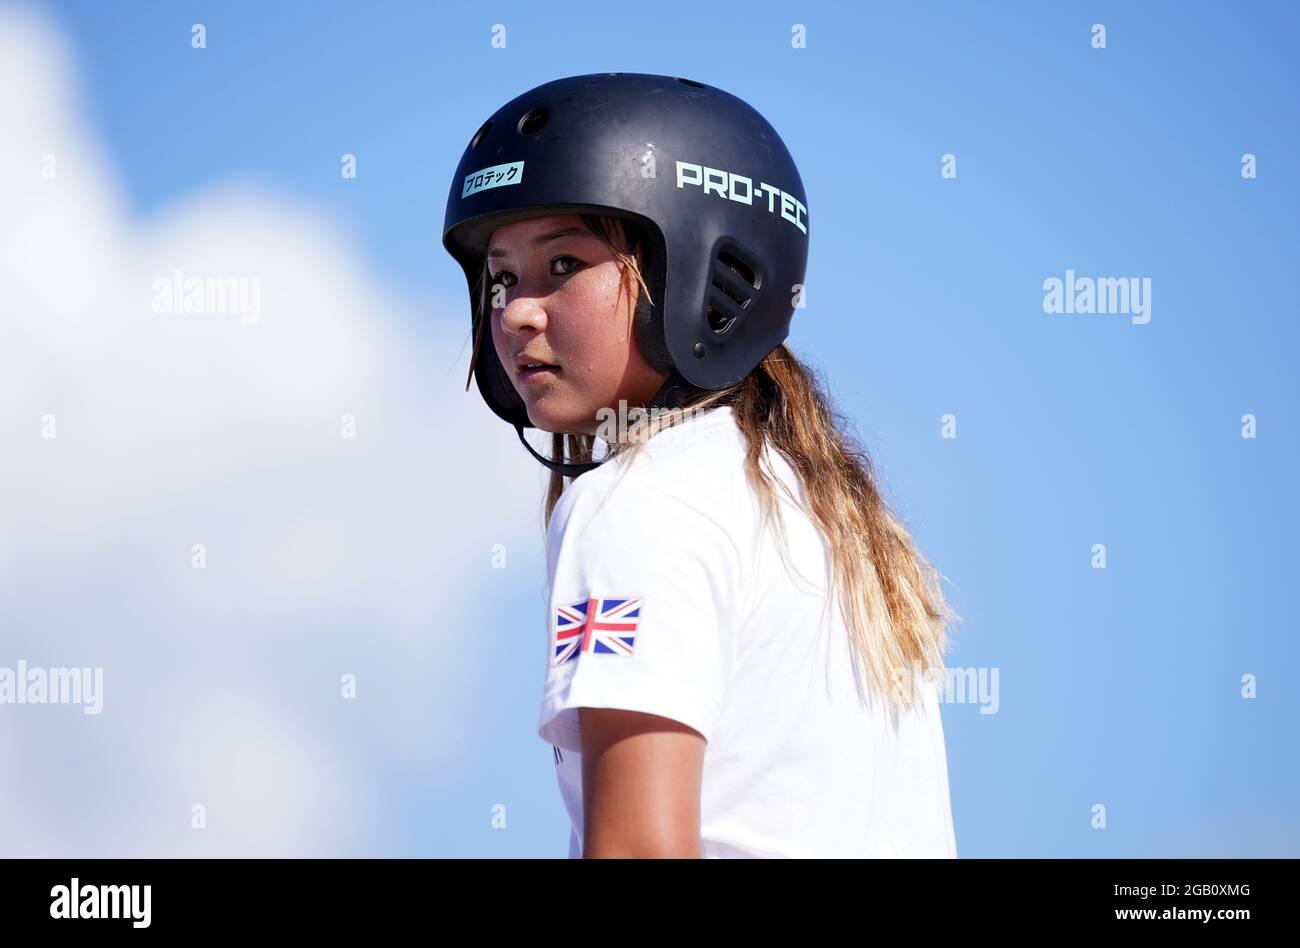 Great Britain's Sky Brown durante una sessione di allenamento all'Ariake Skateboard Park il decimo giorno dei Giochi Olimpici di Tokyo 2020 in Giappone. Data immagine: Lunedì 2 agosto 2021. Foto Stock